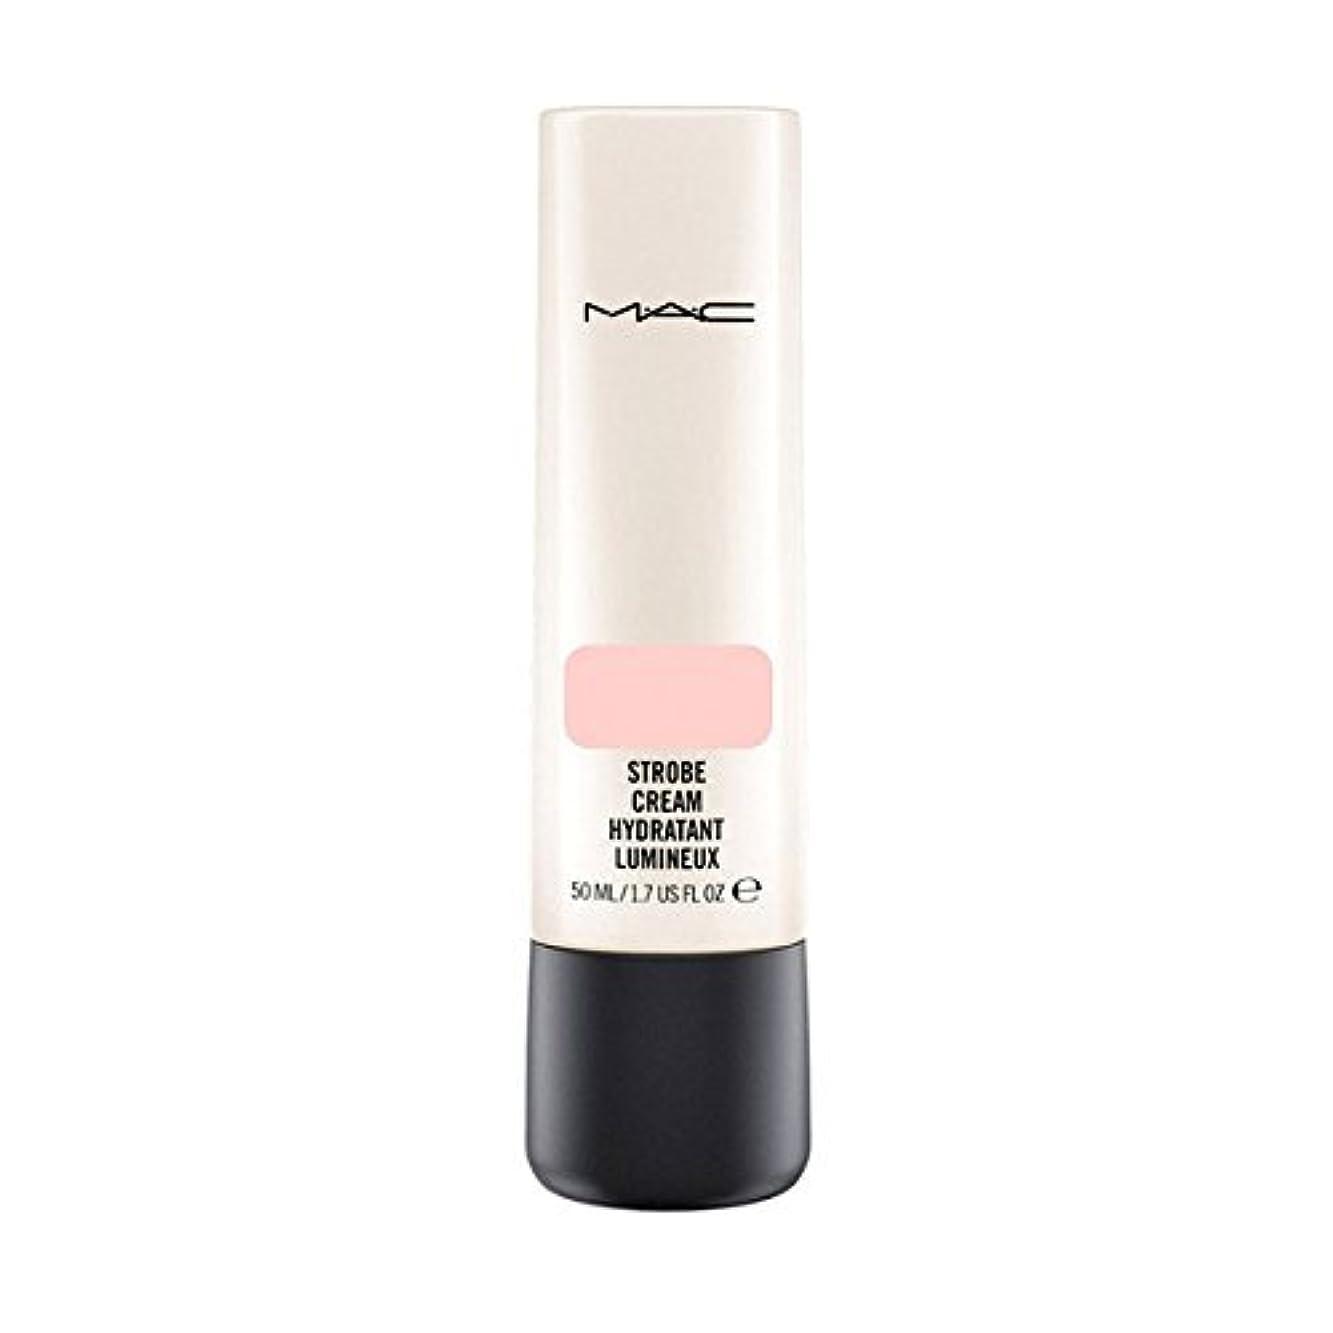 マック(MAC) ストロボ クリーム ピンク ライト/Pink Light 50ml[並行輸入品]